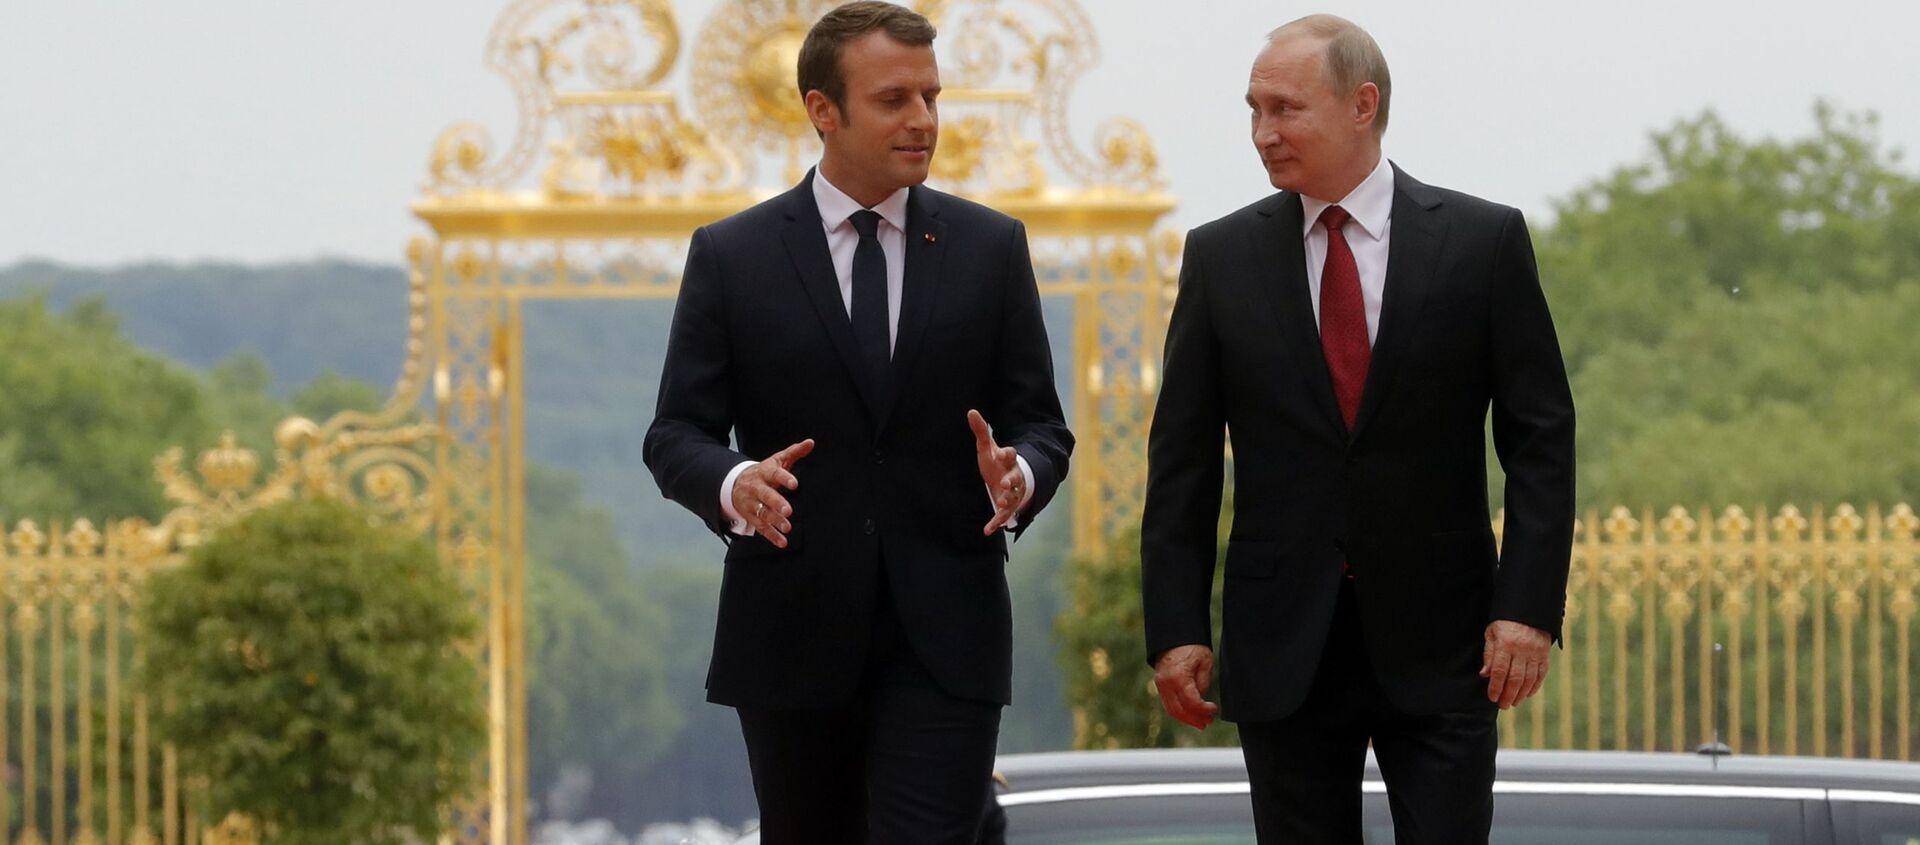 Prezydent Francji Emmanuel Macron i prezydent Rosji Władimir Putin podczas spotkania w Pałacu Wersalskim - Sputnik Polska, 1920, 10.02.2021